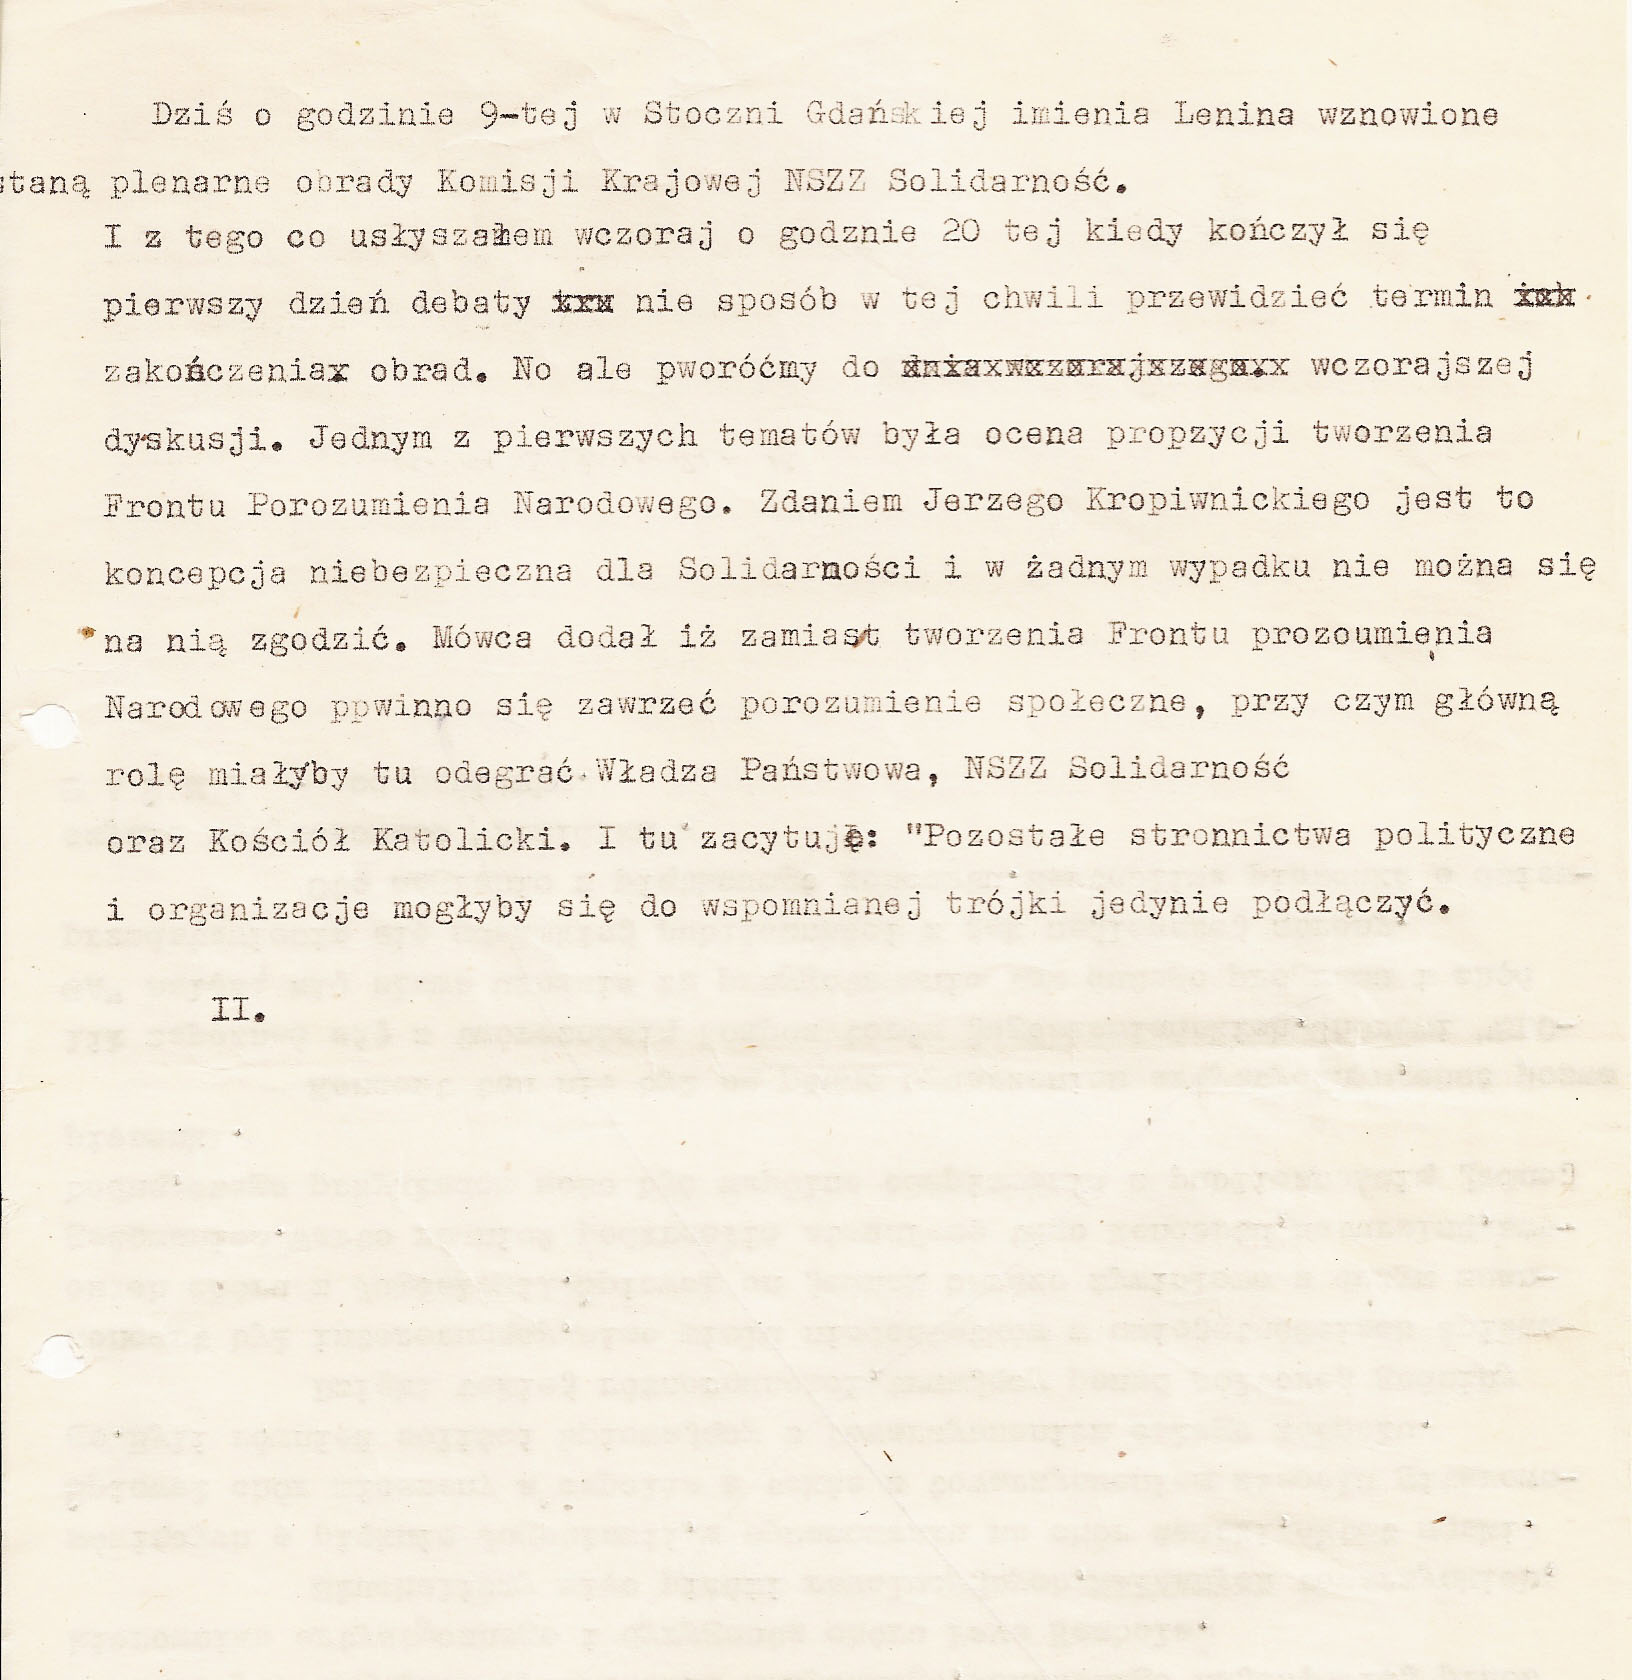 Wiadomości radiowe 13 grudnia stan wojenny 2